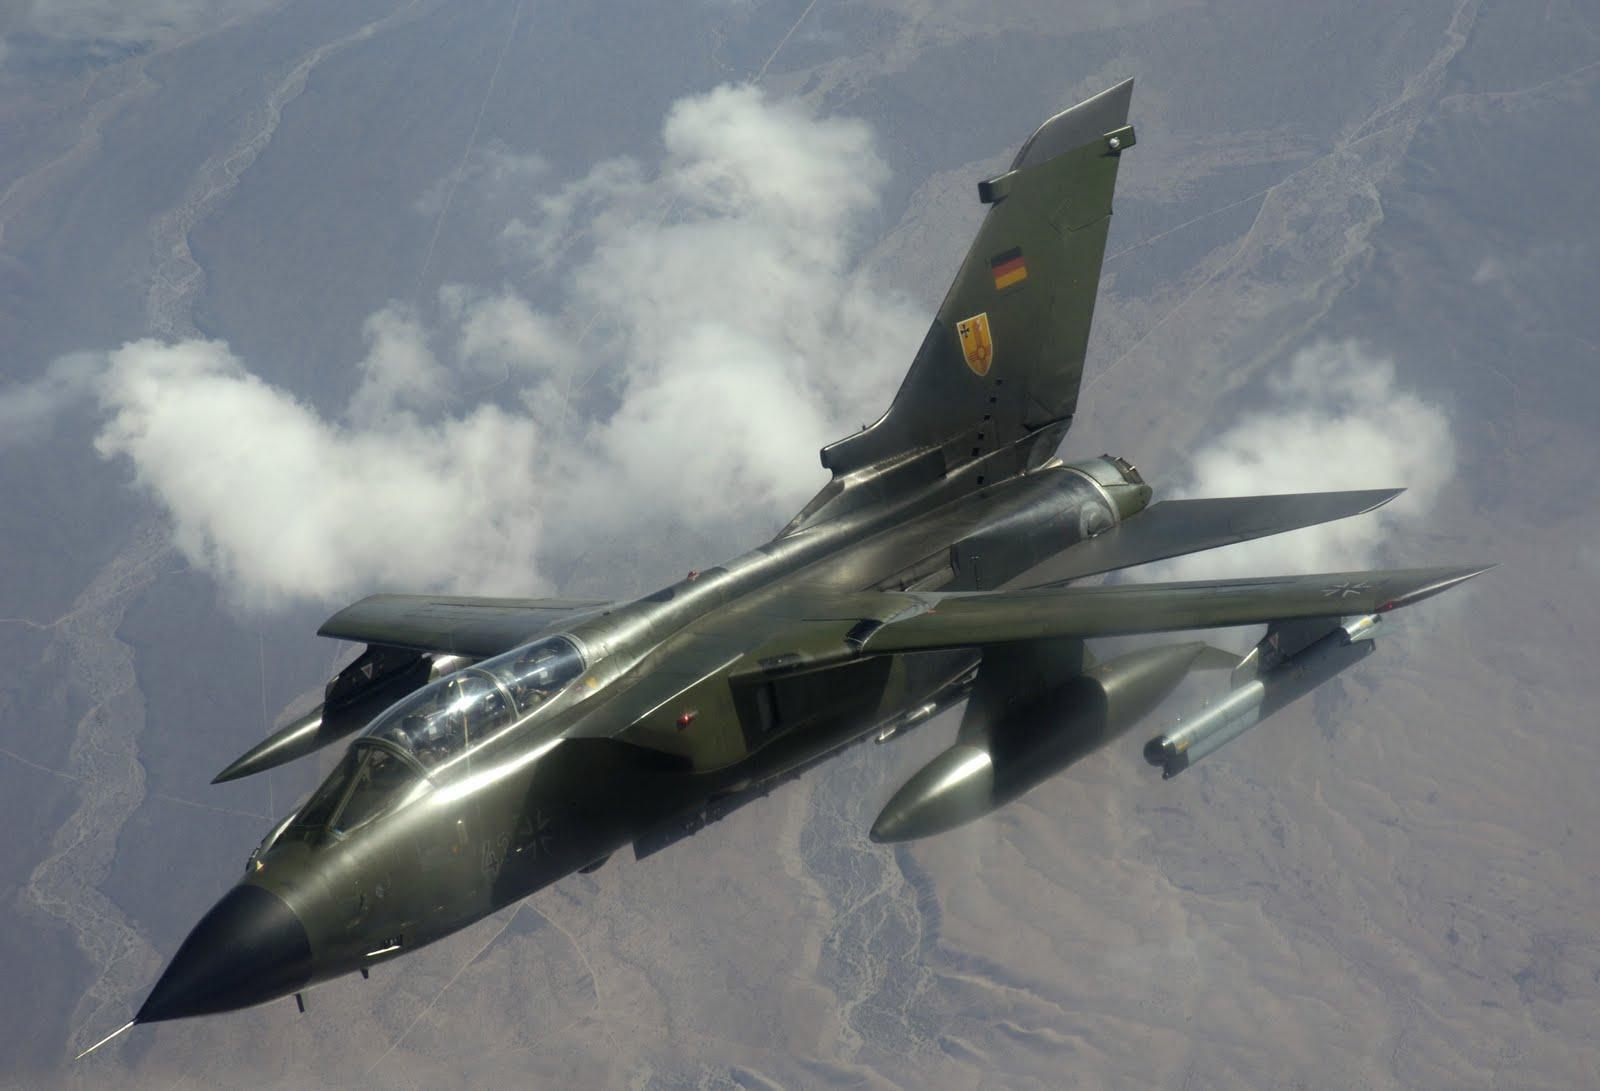 http://4.bp.blogspot.com/_ja676MG45Zg/SxTF4si71mI/AAAAAAAAAro/E5Y4teu38LQ/s1600/German_Panavia_Tornado.JPG